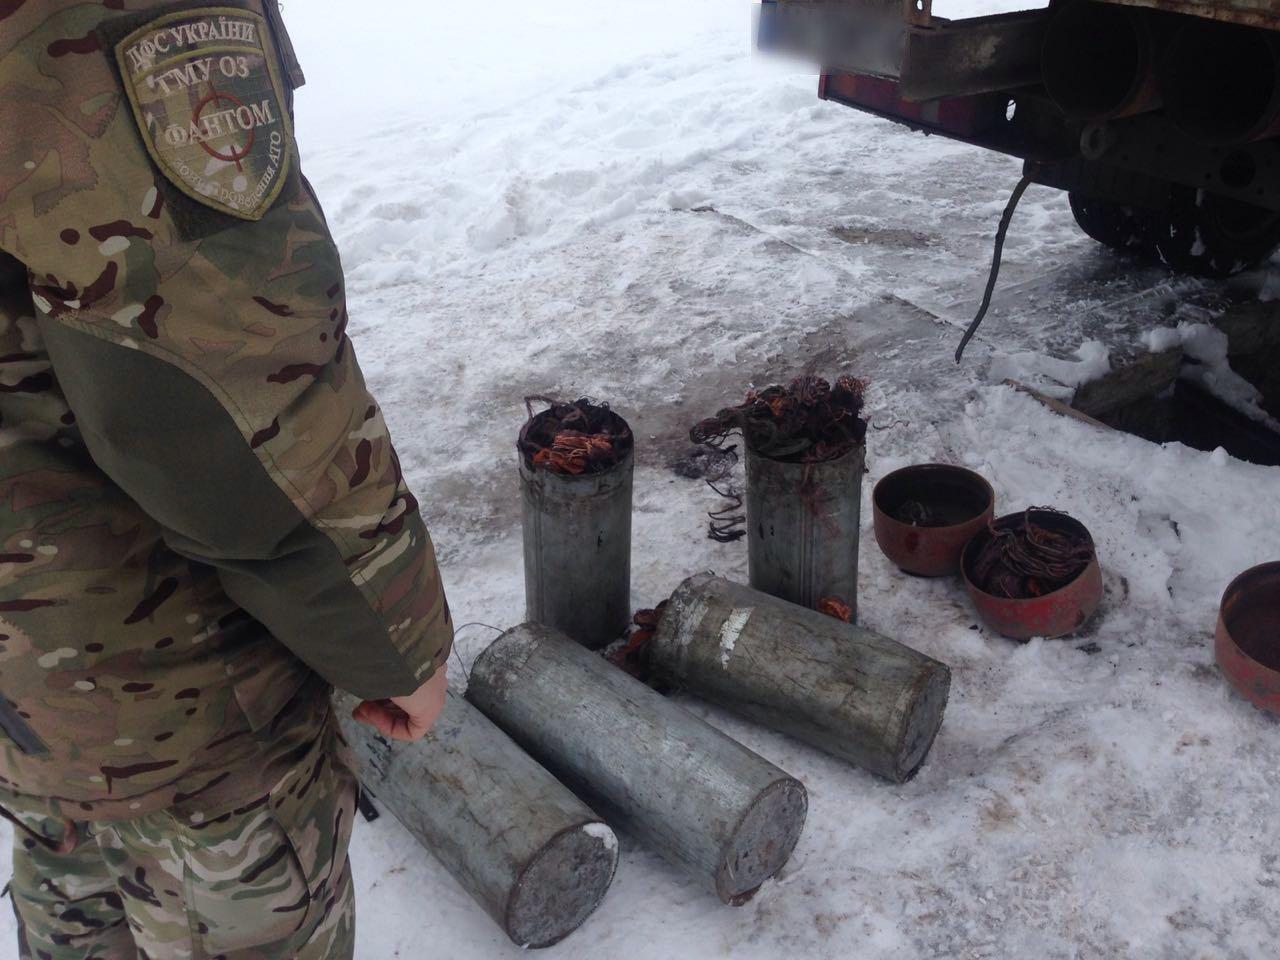 Из оккупированного Донбасса под кузовом автомобиля мужчина пытался вывезти лом меди, фото-1